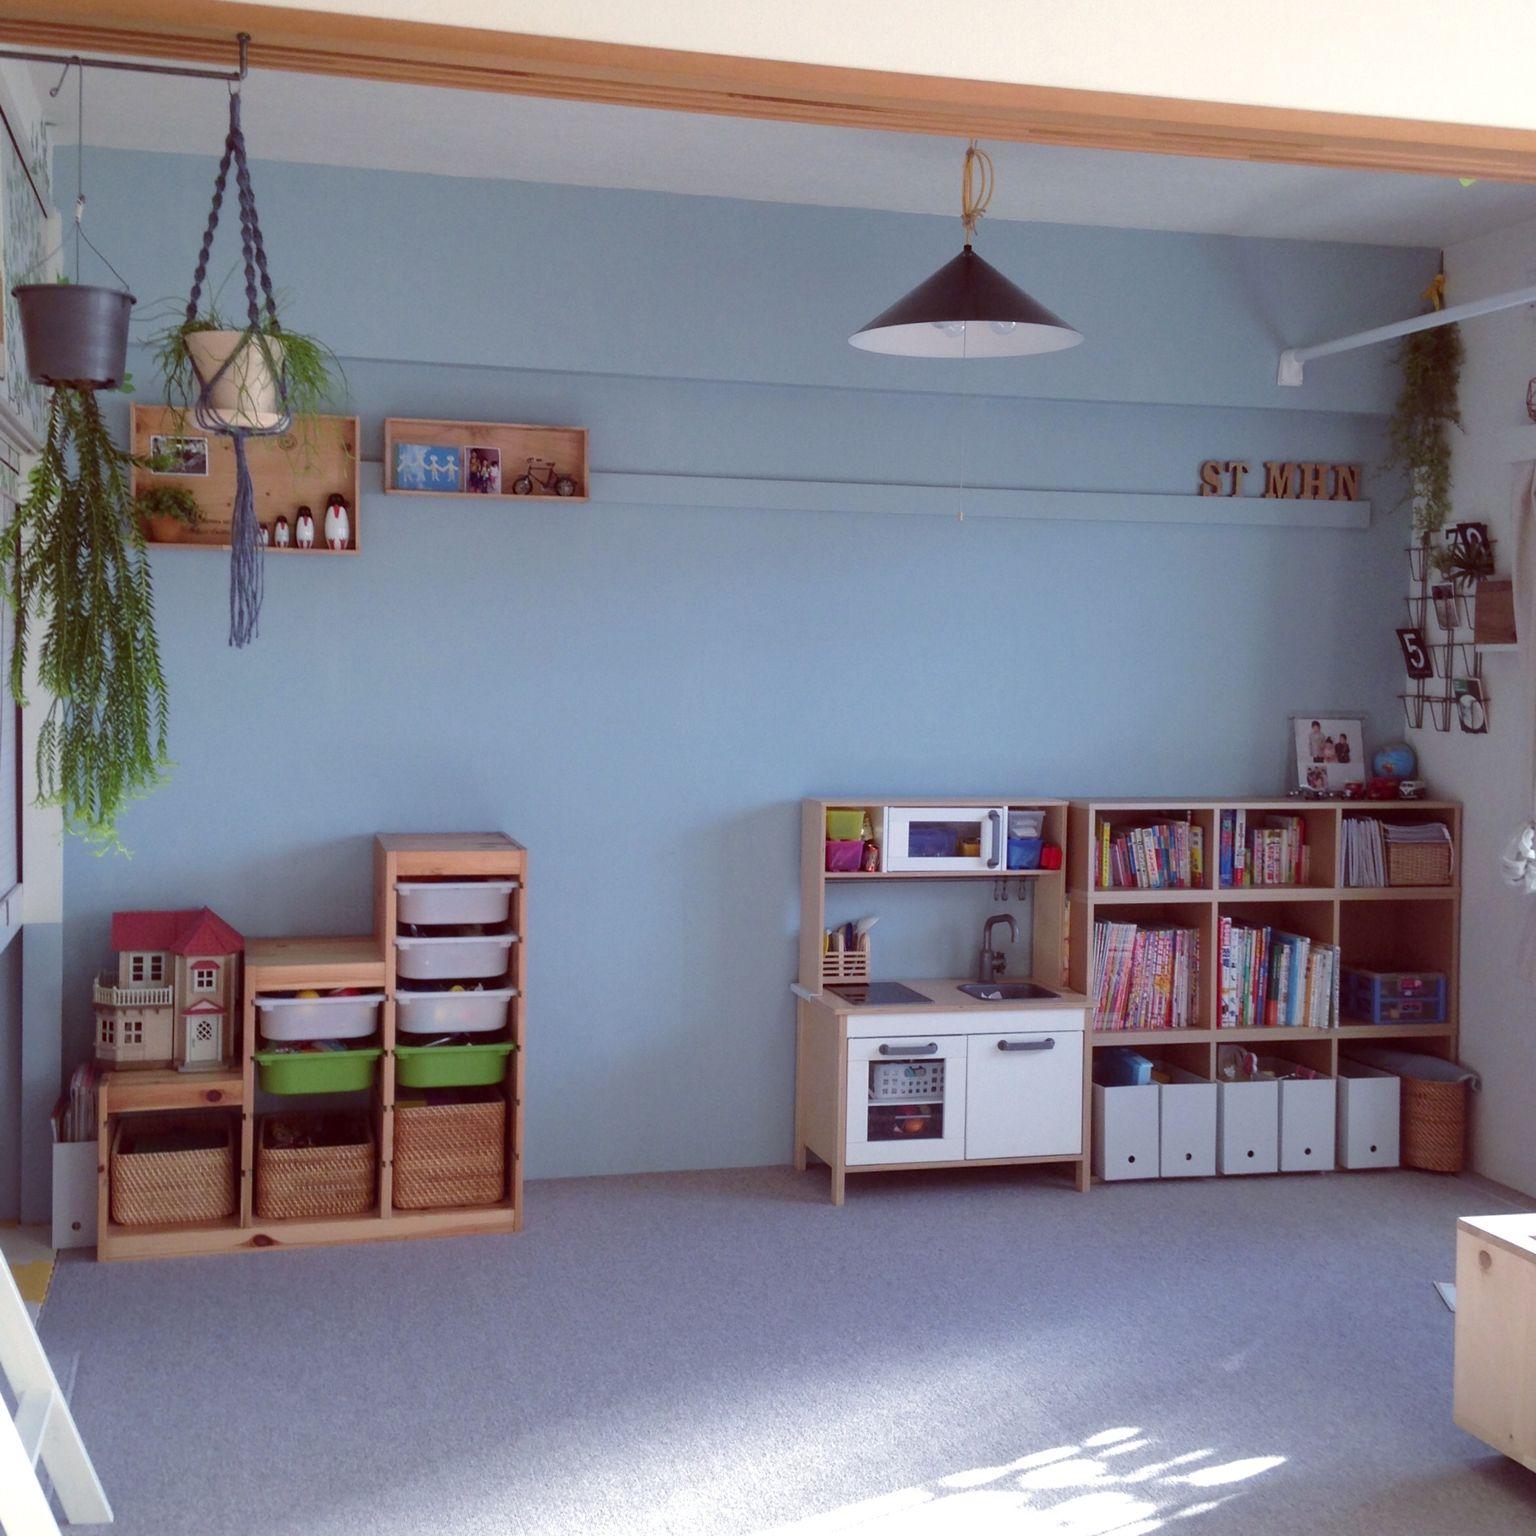 右側の本棚は、無印良品の3段のパルプボードボックスを横